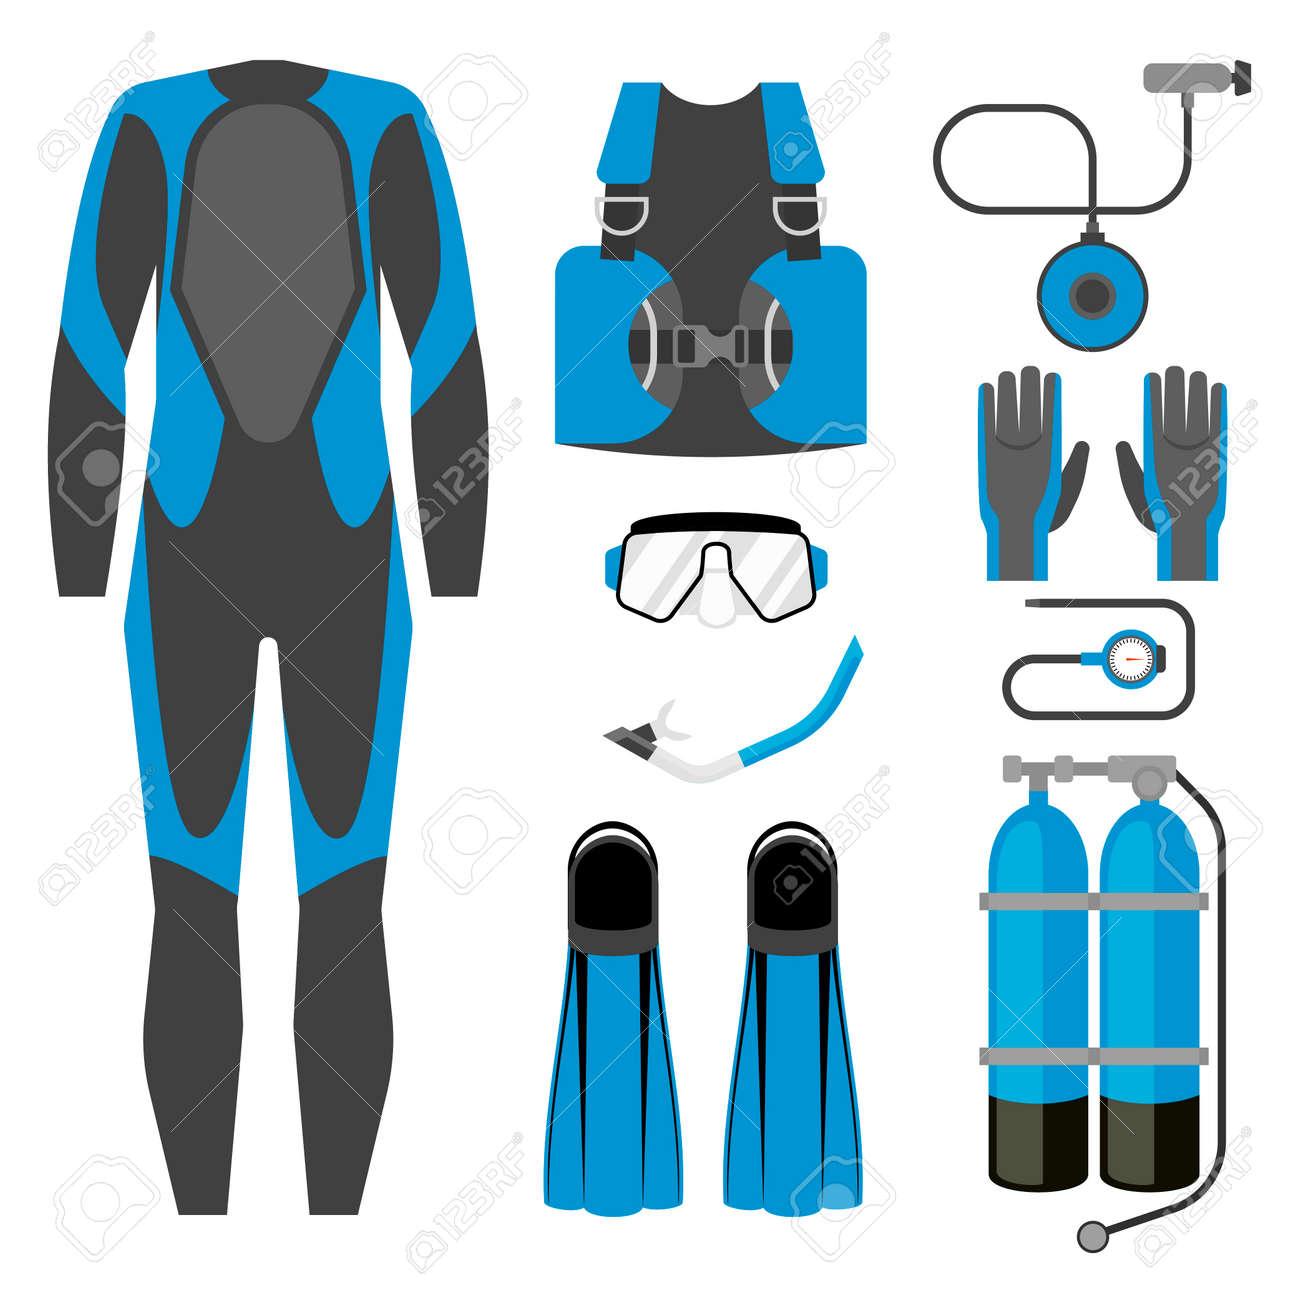 femme publier des informations sur grande variété de styles Ensemble d'icône d'équipement de plongée. Combinaison de plongée,  équipement de plongée et accessoires Articles de sport pour activités  sous-marines.